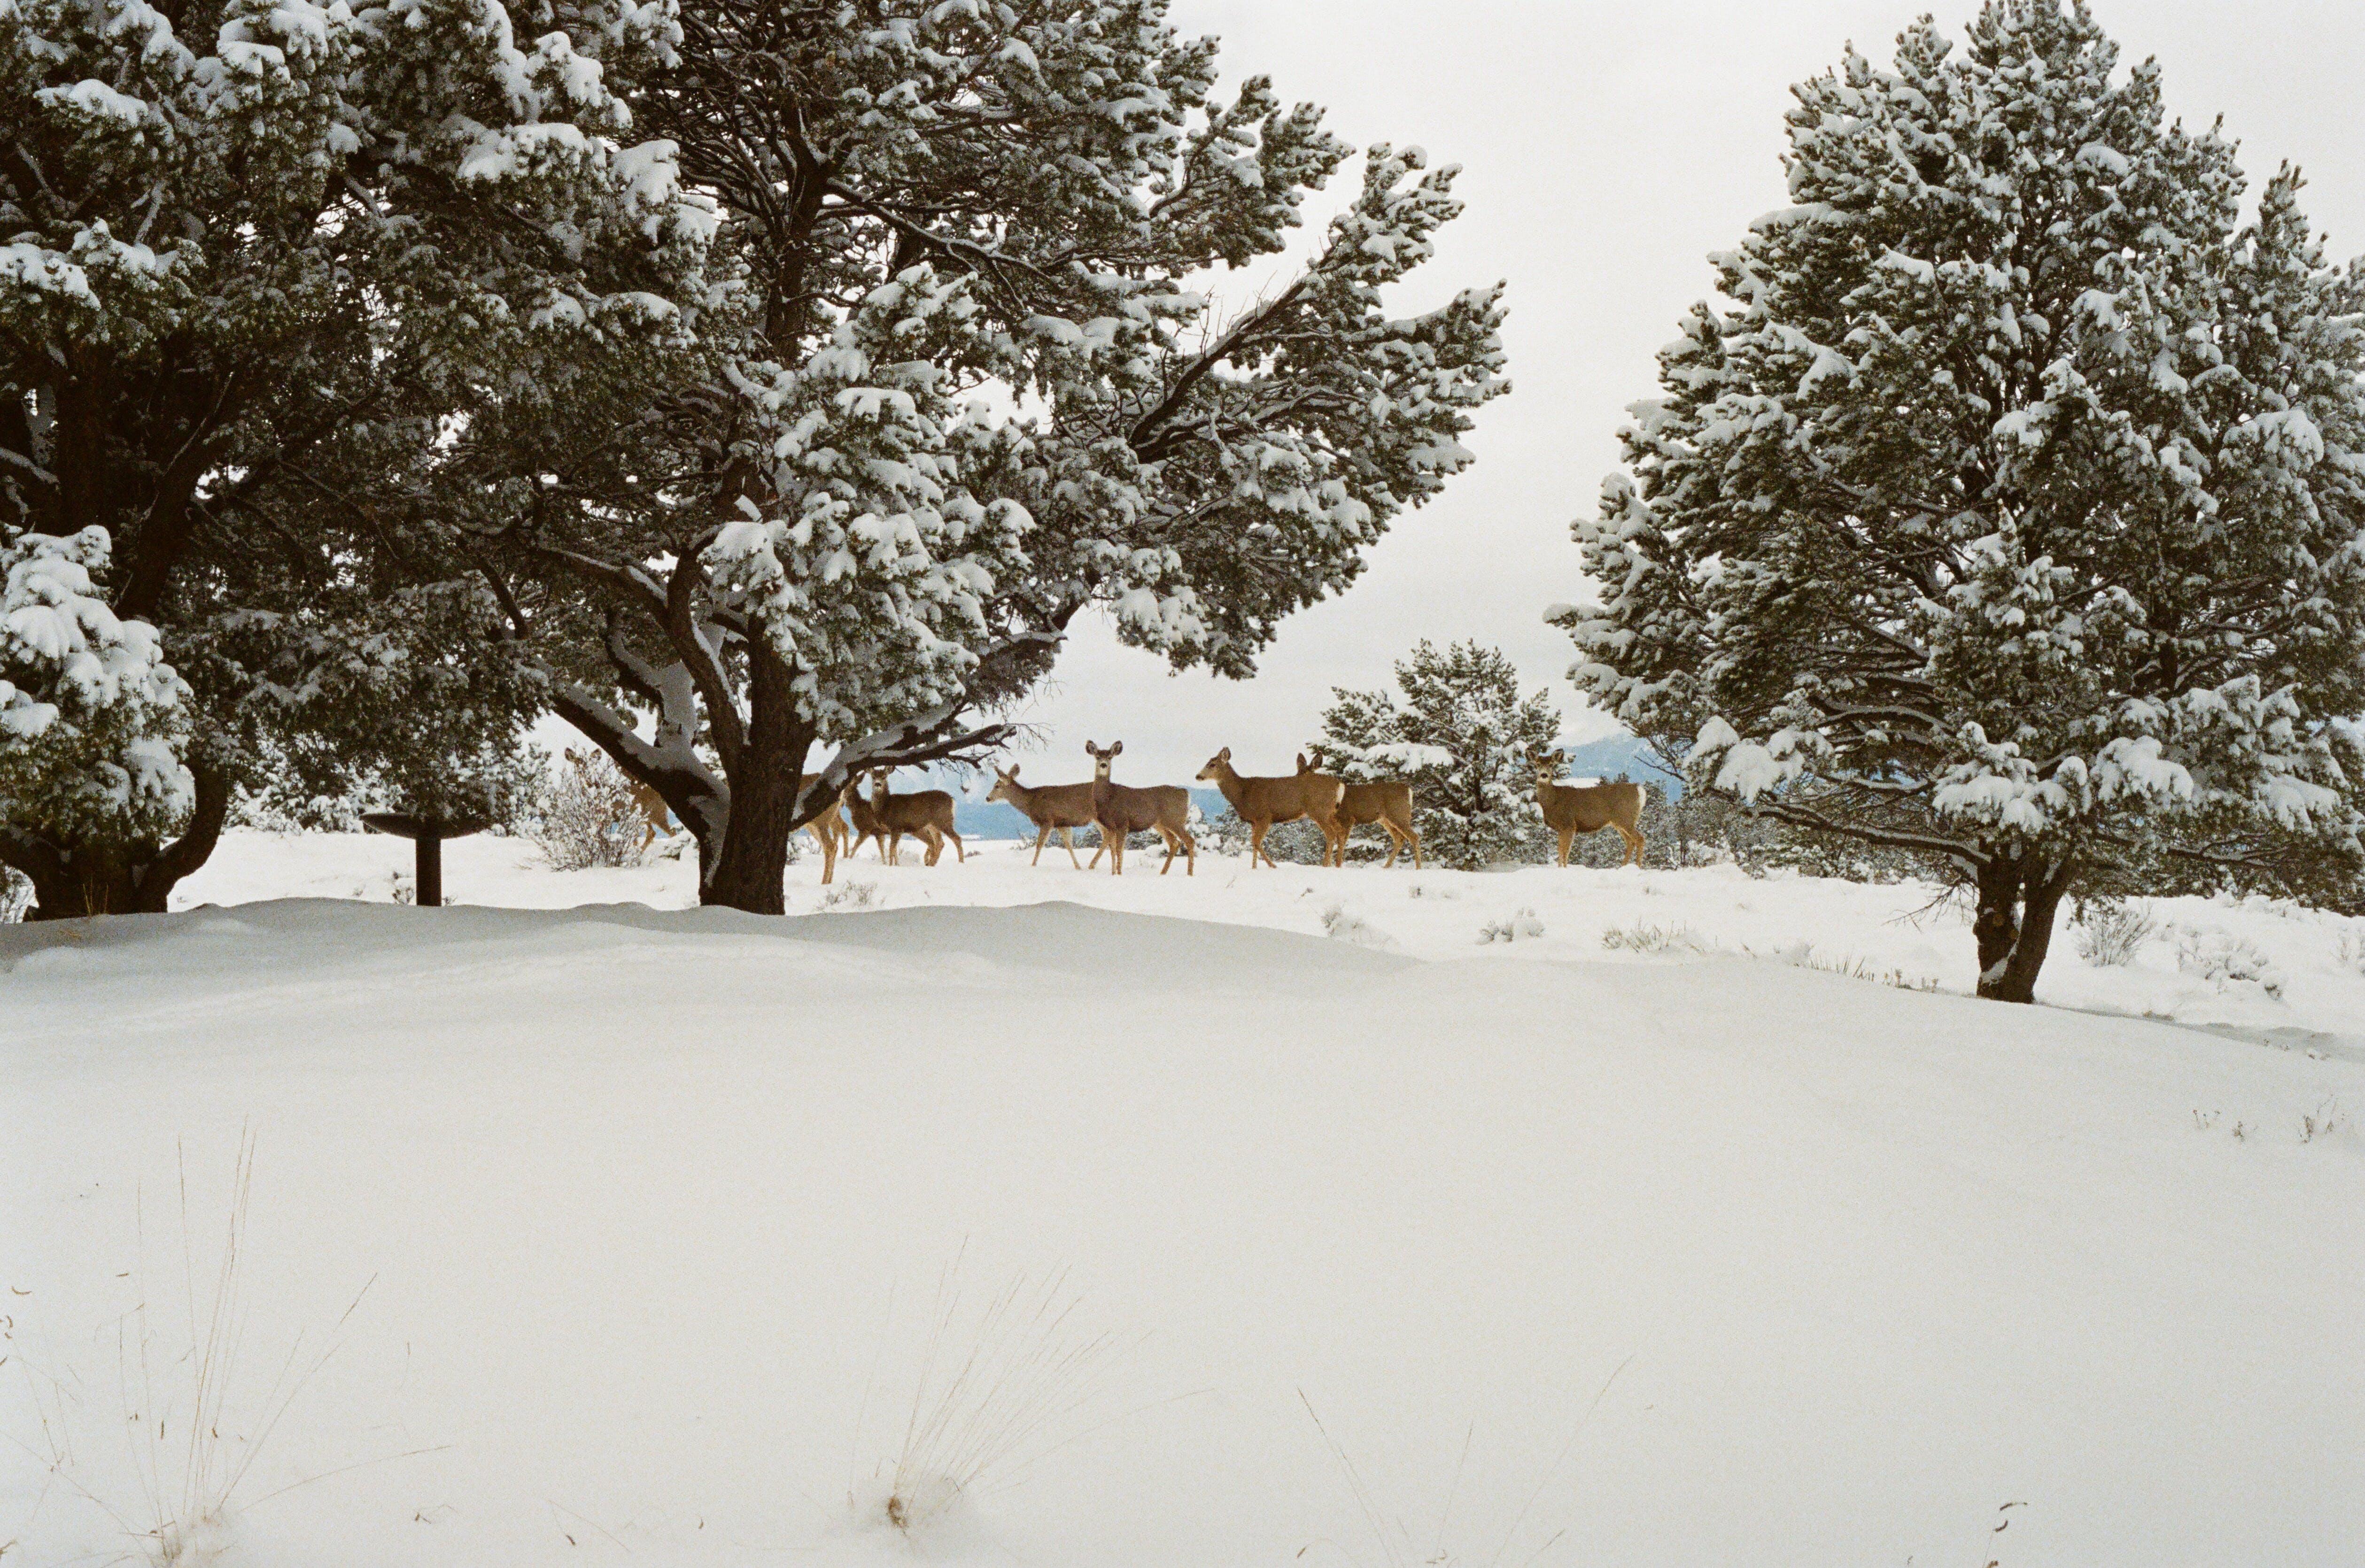 Reindeer Walking Beside Trees